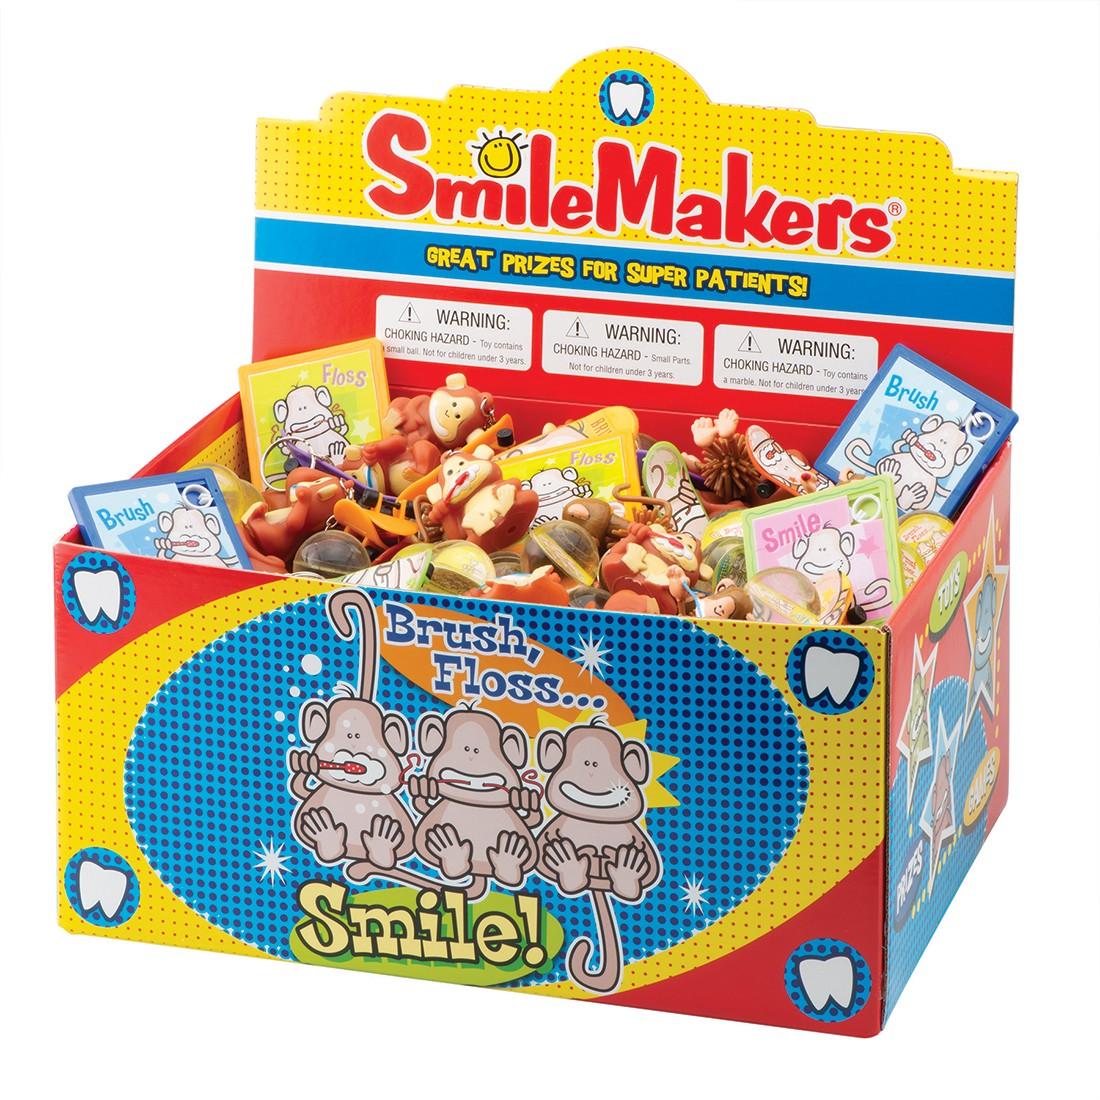 Brush, Floss, Smile Monkeys Treasure Chest [image]